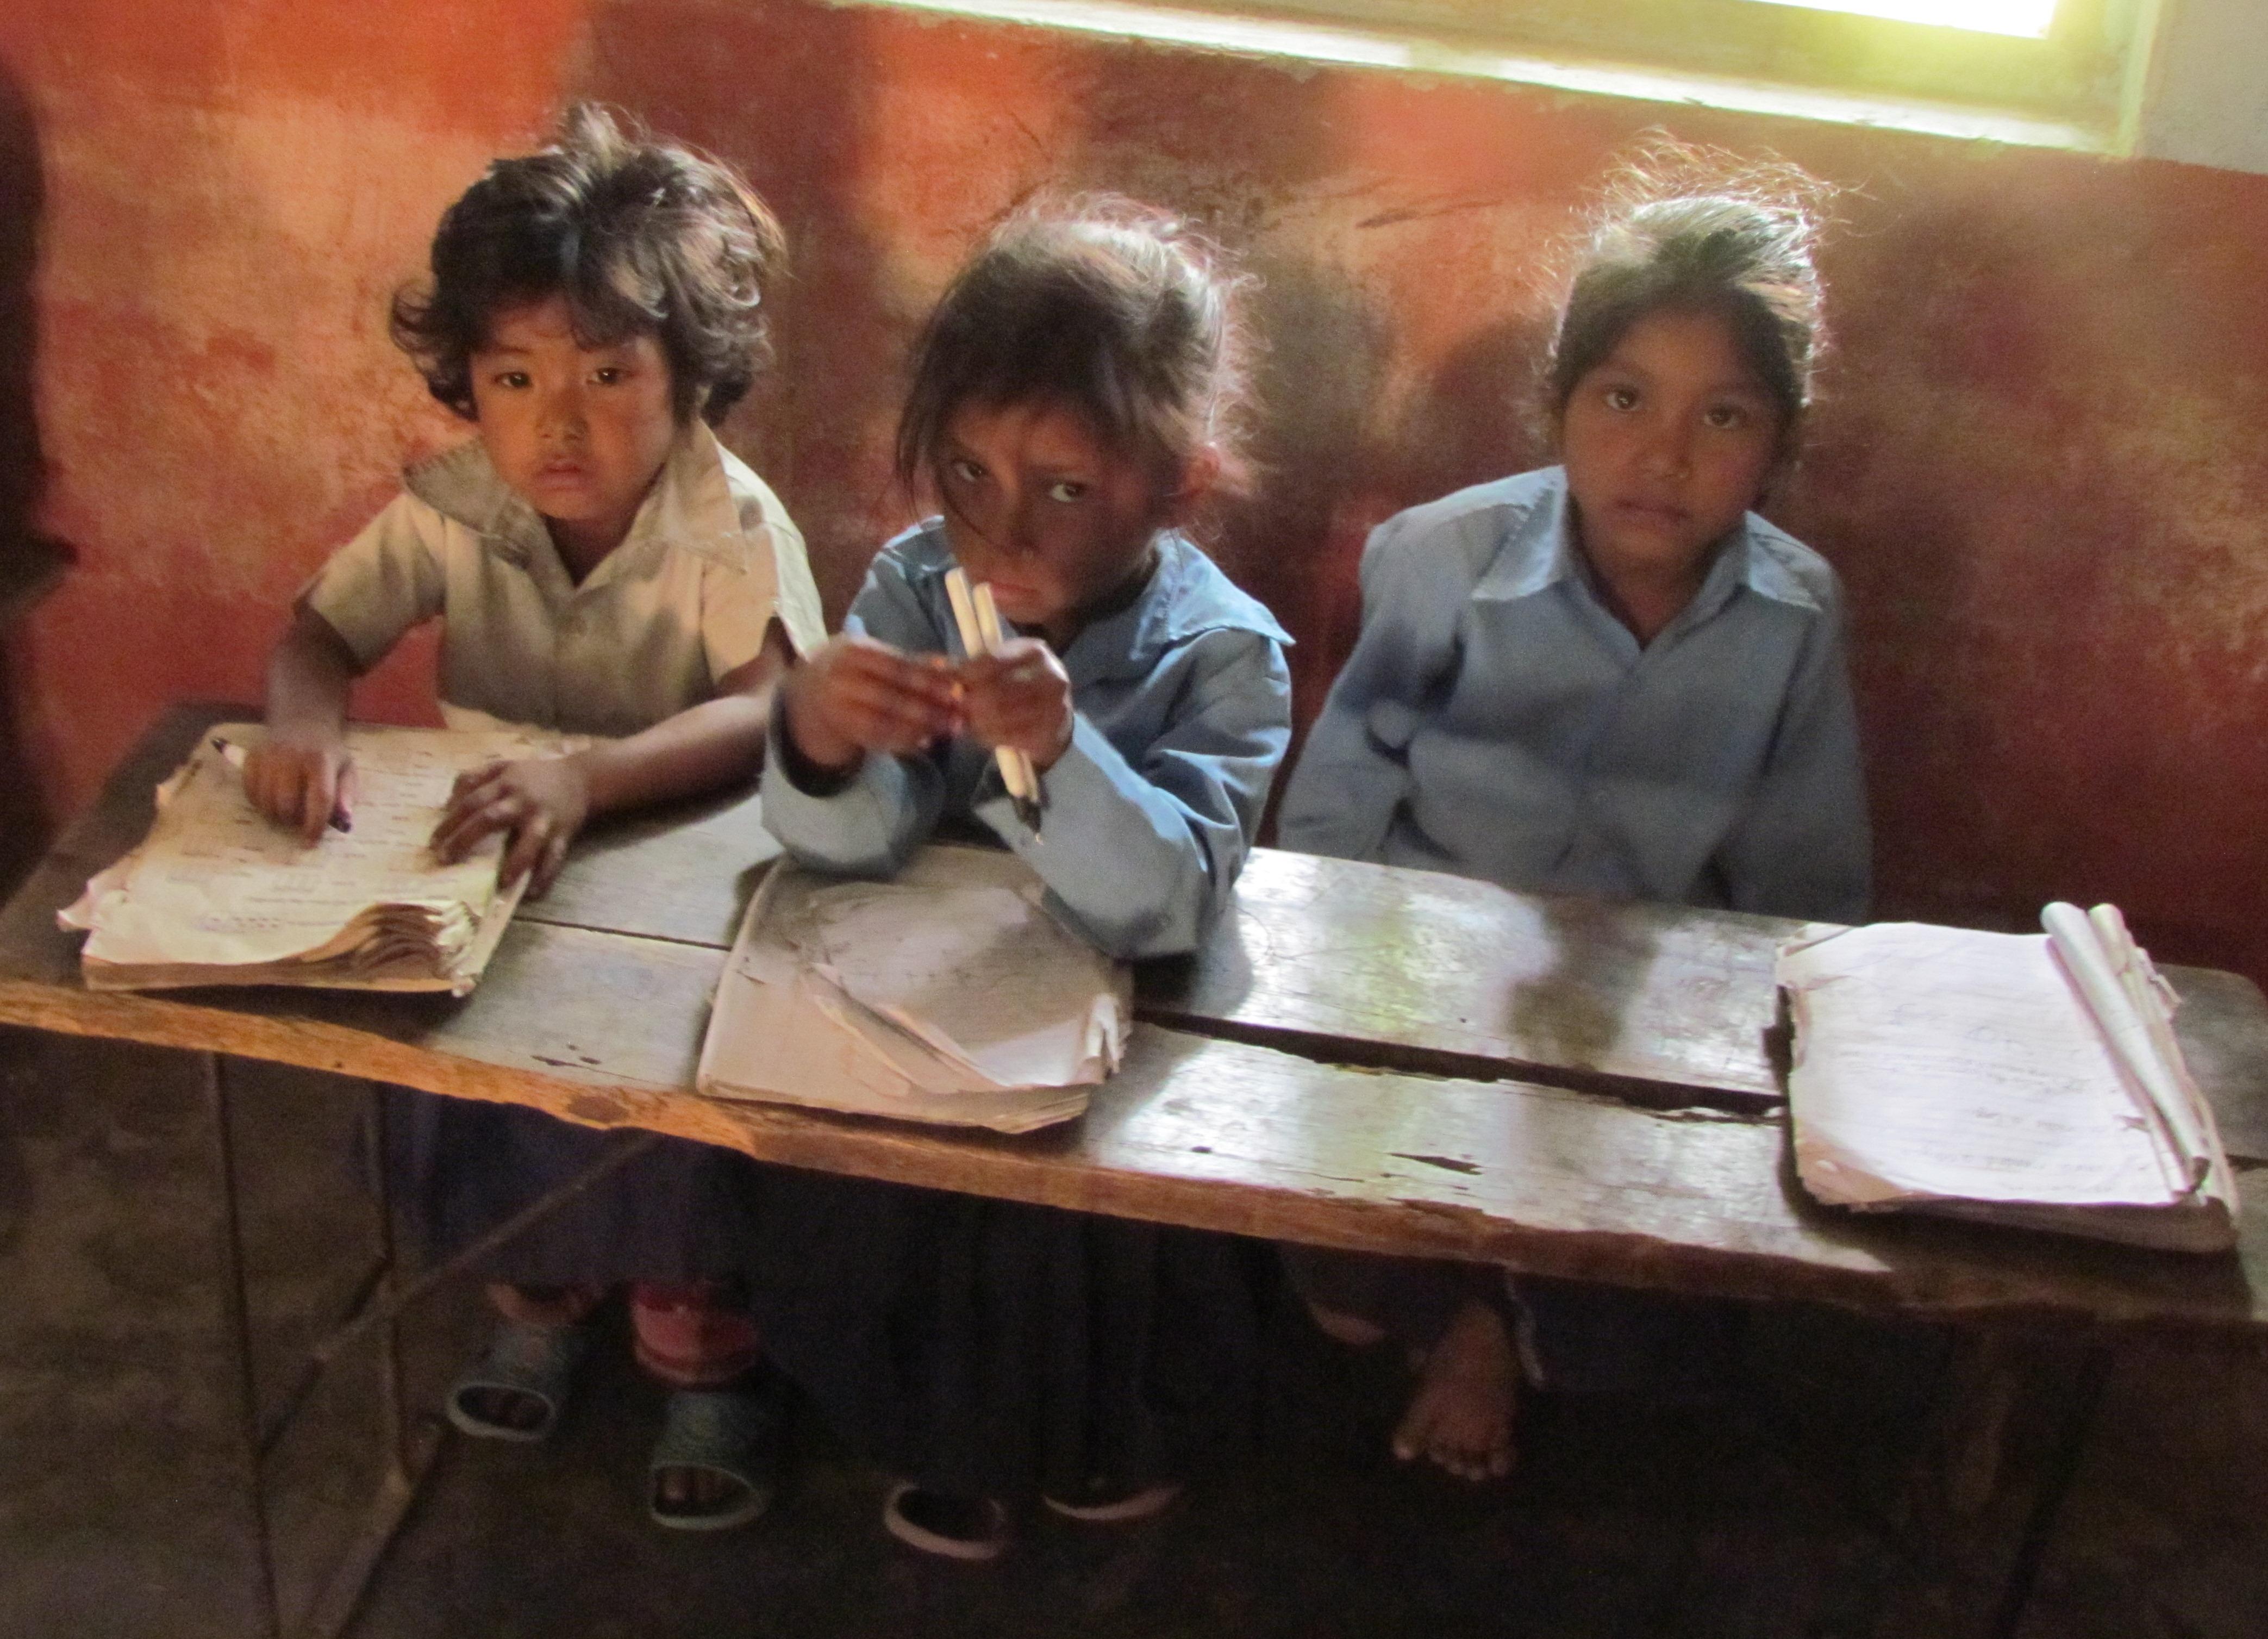 Children in crisis zones